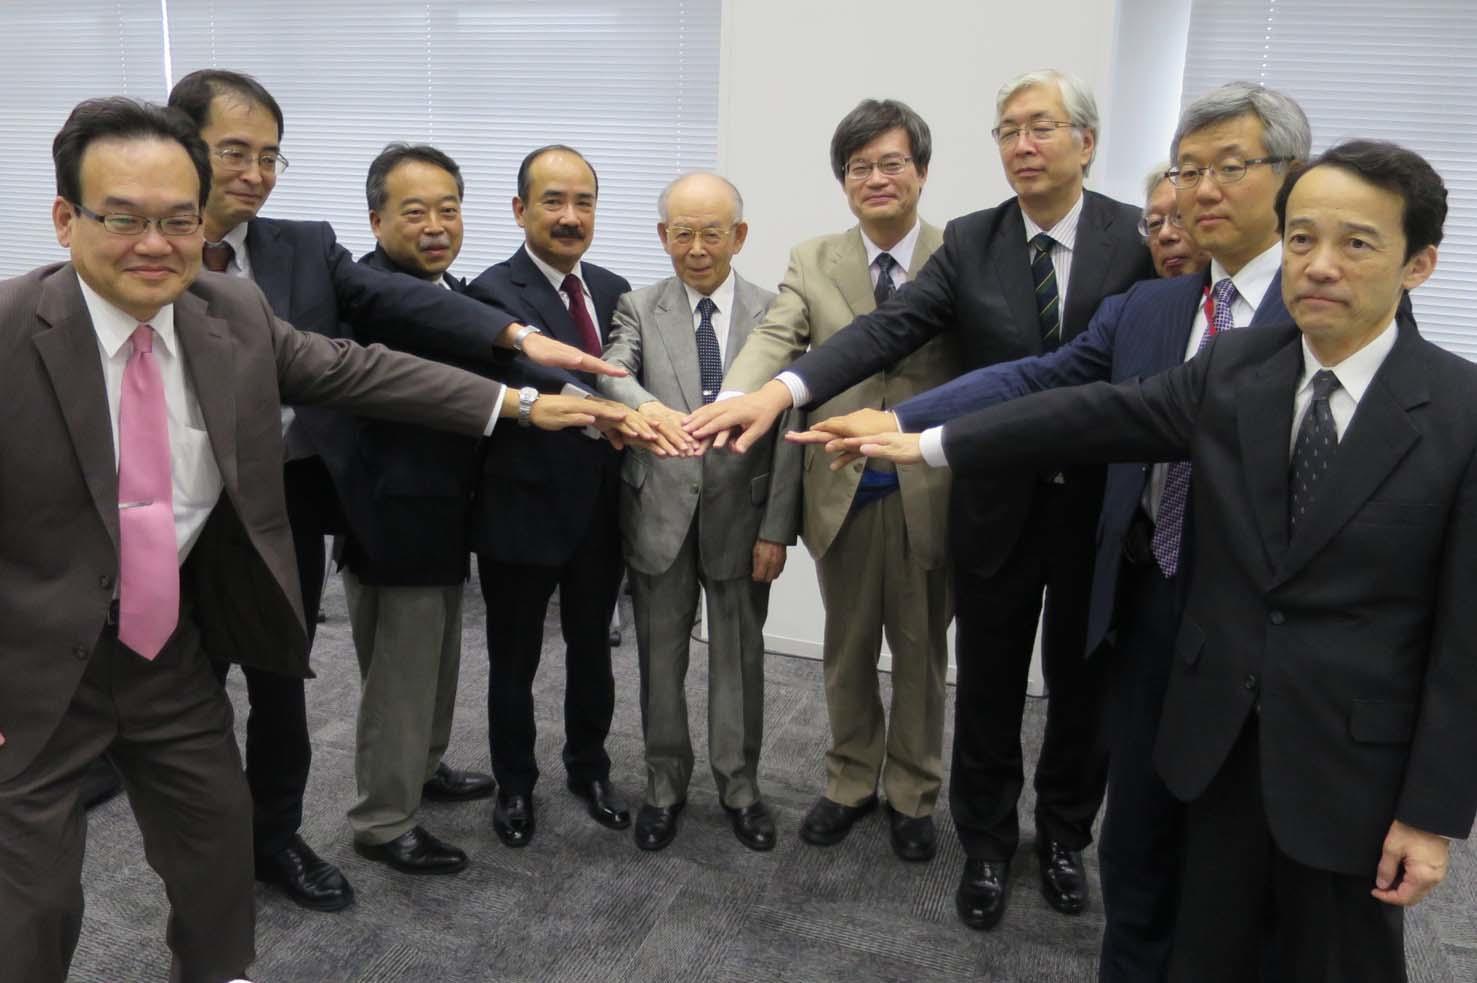 手を合わせ協力を誓う赤﨑終身教授、吉久学長、上山教授ら